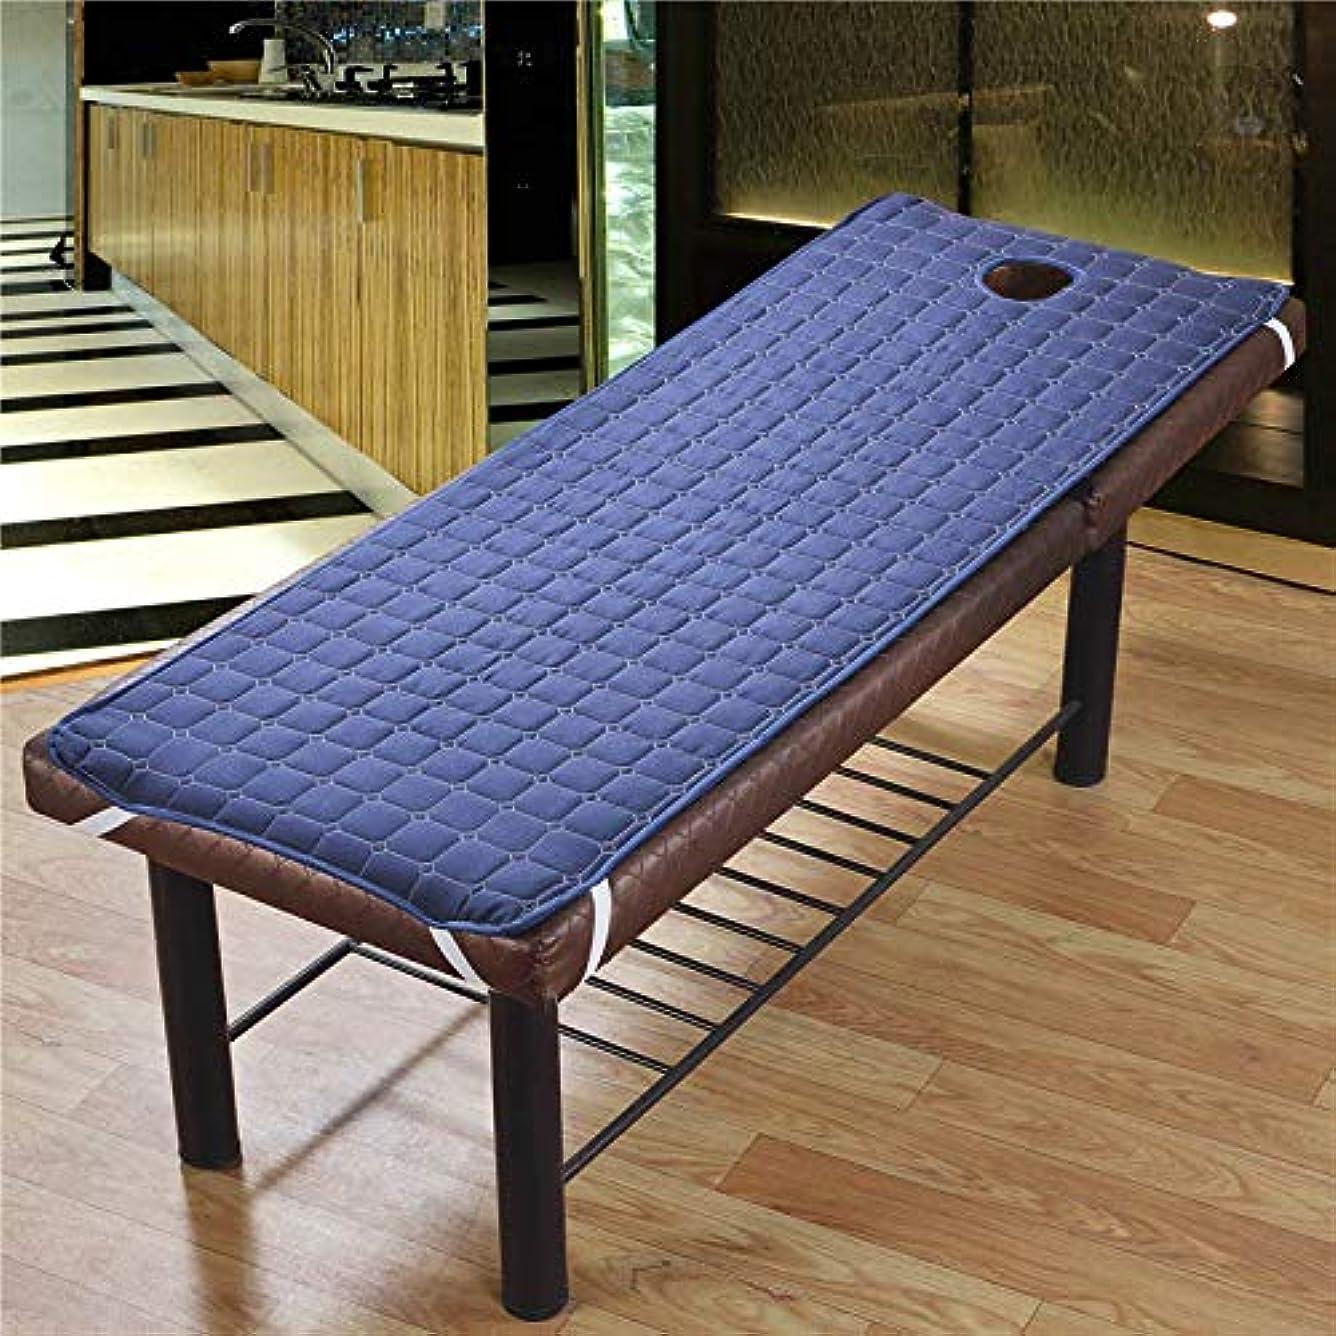 浸すマウスピース乳白Tenflyer 美容院のマッサージ療法のベッドのための滑り止めのSoliod色の長方形のマットレス